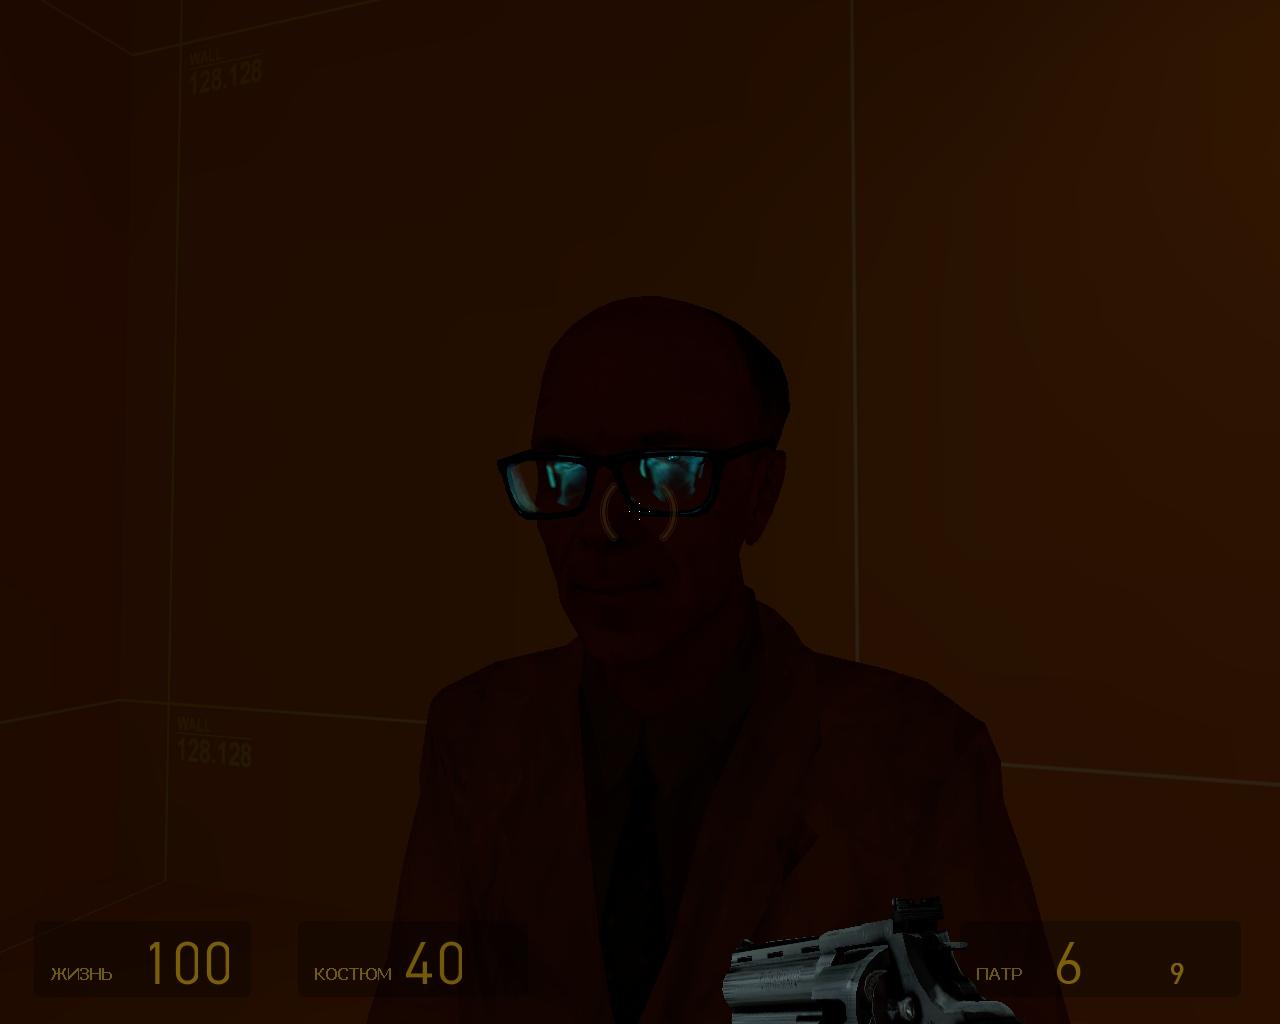 Жуткий Кляйнер - Half-Life 2 Kleiner, Nova Prospekt, Кляйнер, Нова Проспект